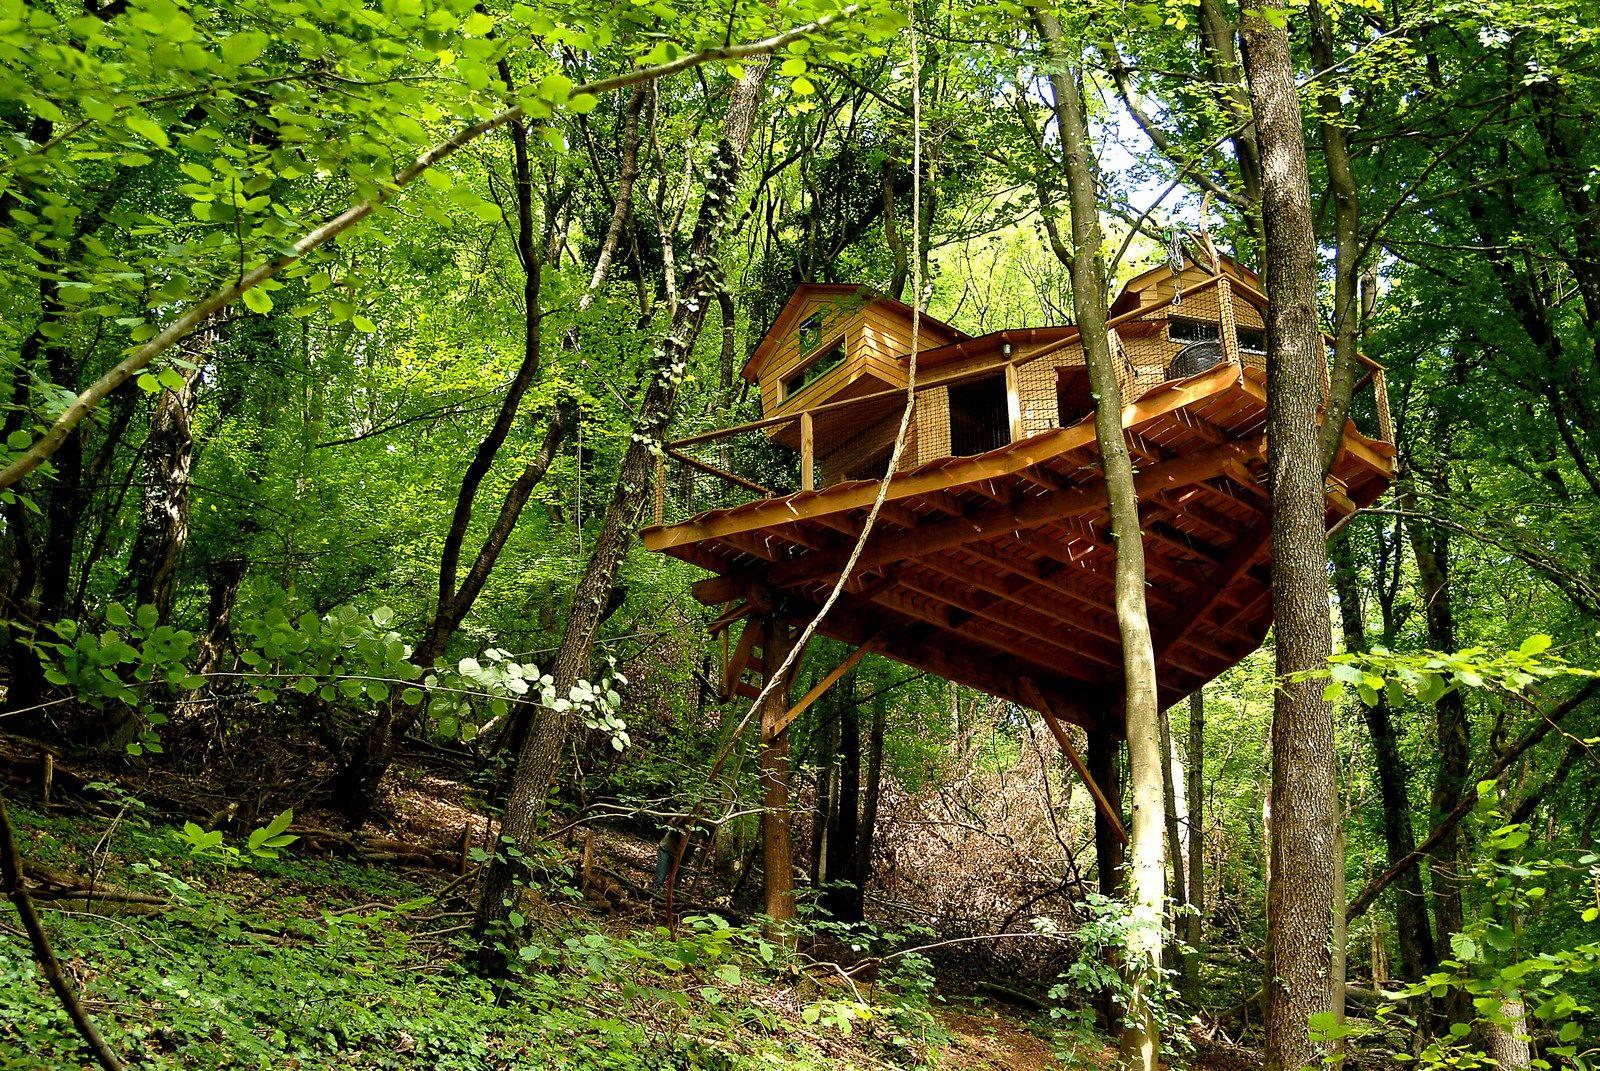 La cabane dans les arbres bacole lorraine tourisme - Chambre d hote cabane dans les arbres ...